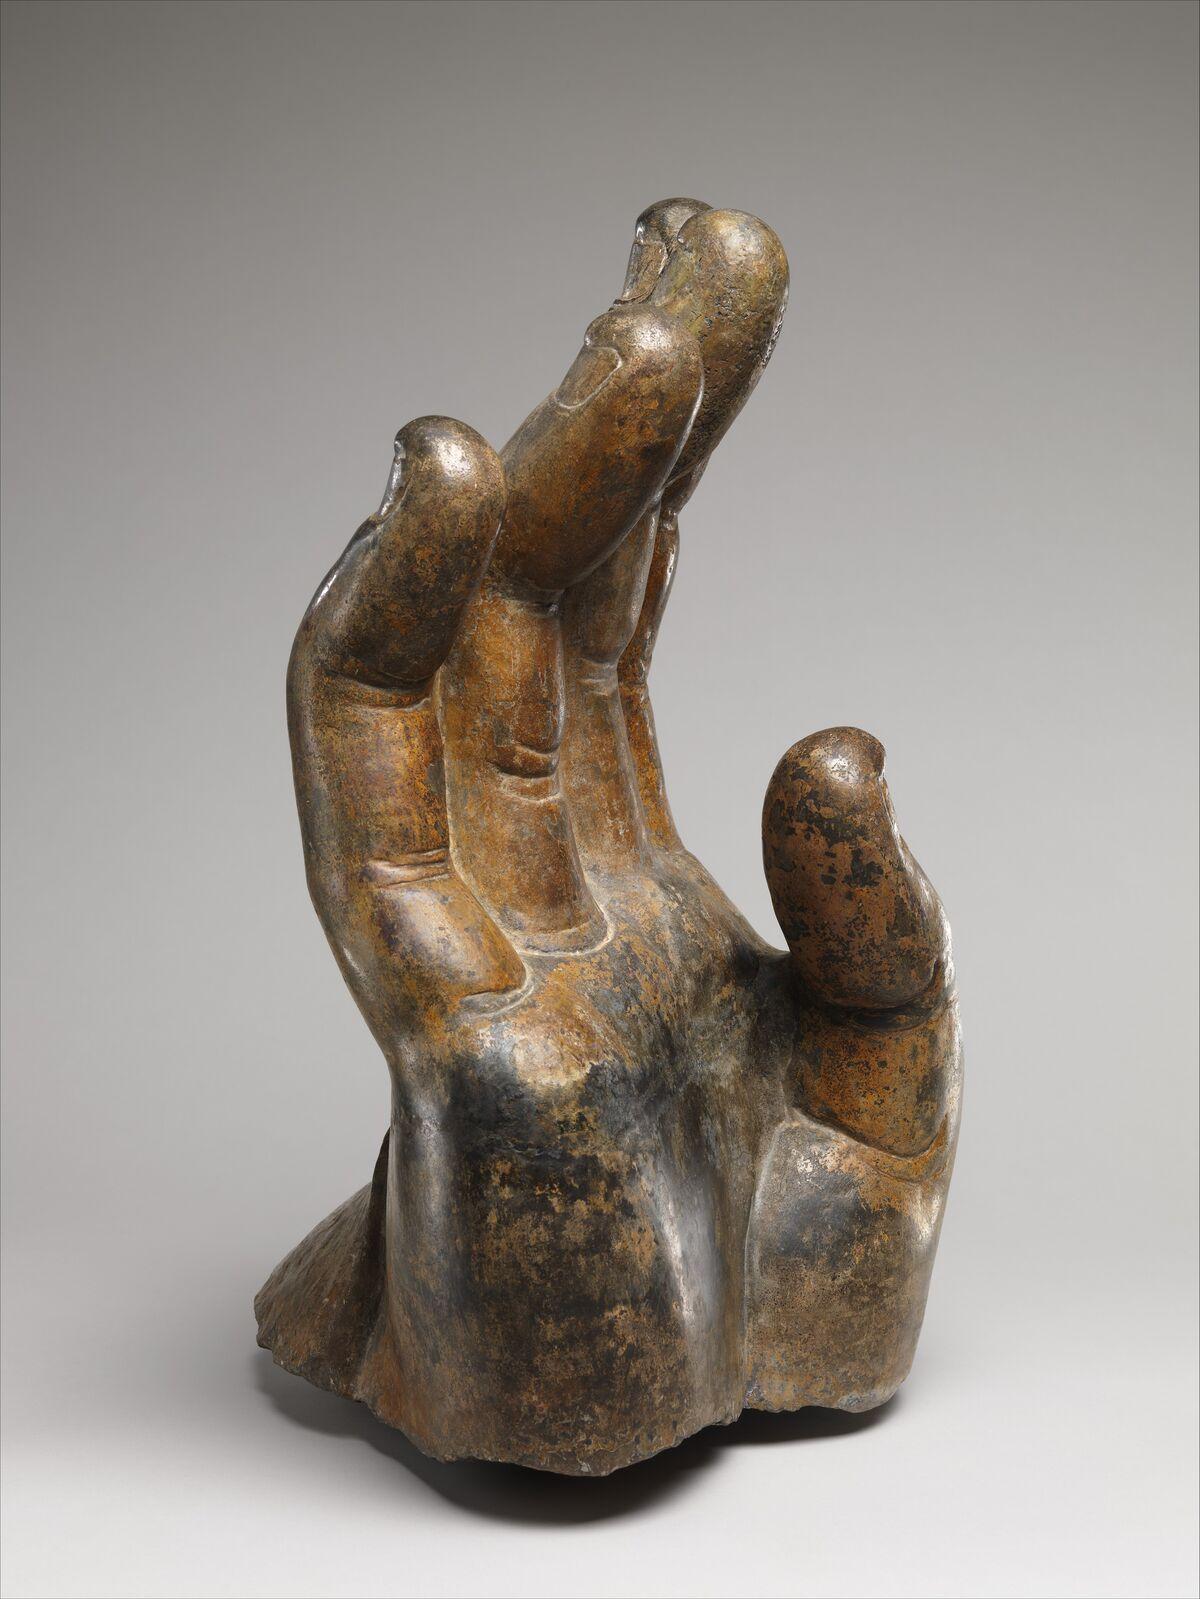 Hand 北 響 堂 堂 山,, (石灰岩), Mano derecha de Buda, ca.  550–560, China (Xiangtangshan del Norte, Cueva del Norte).  Cortesía del Museo Metropolitano de Arte.